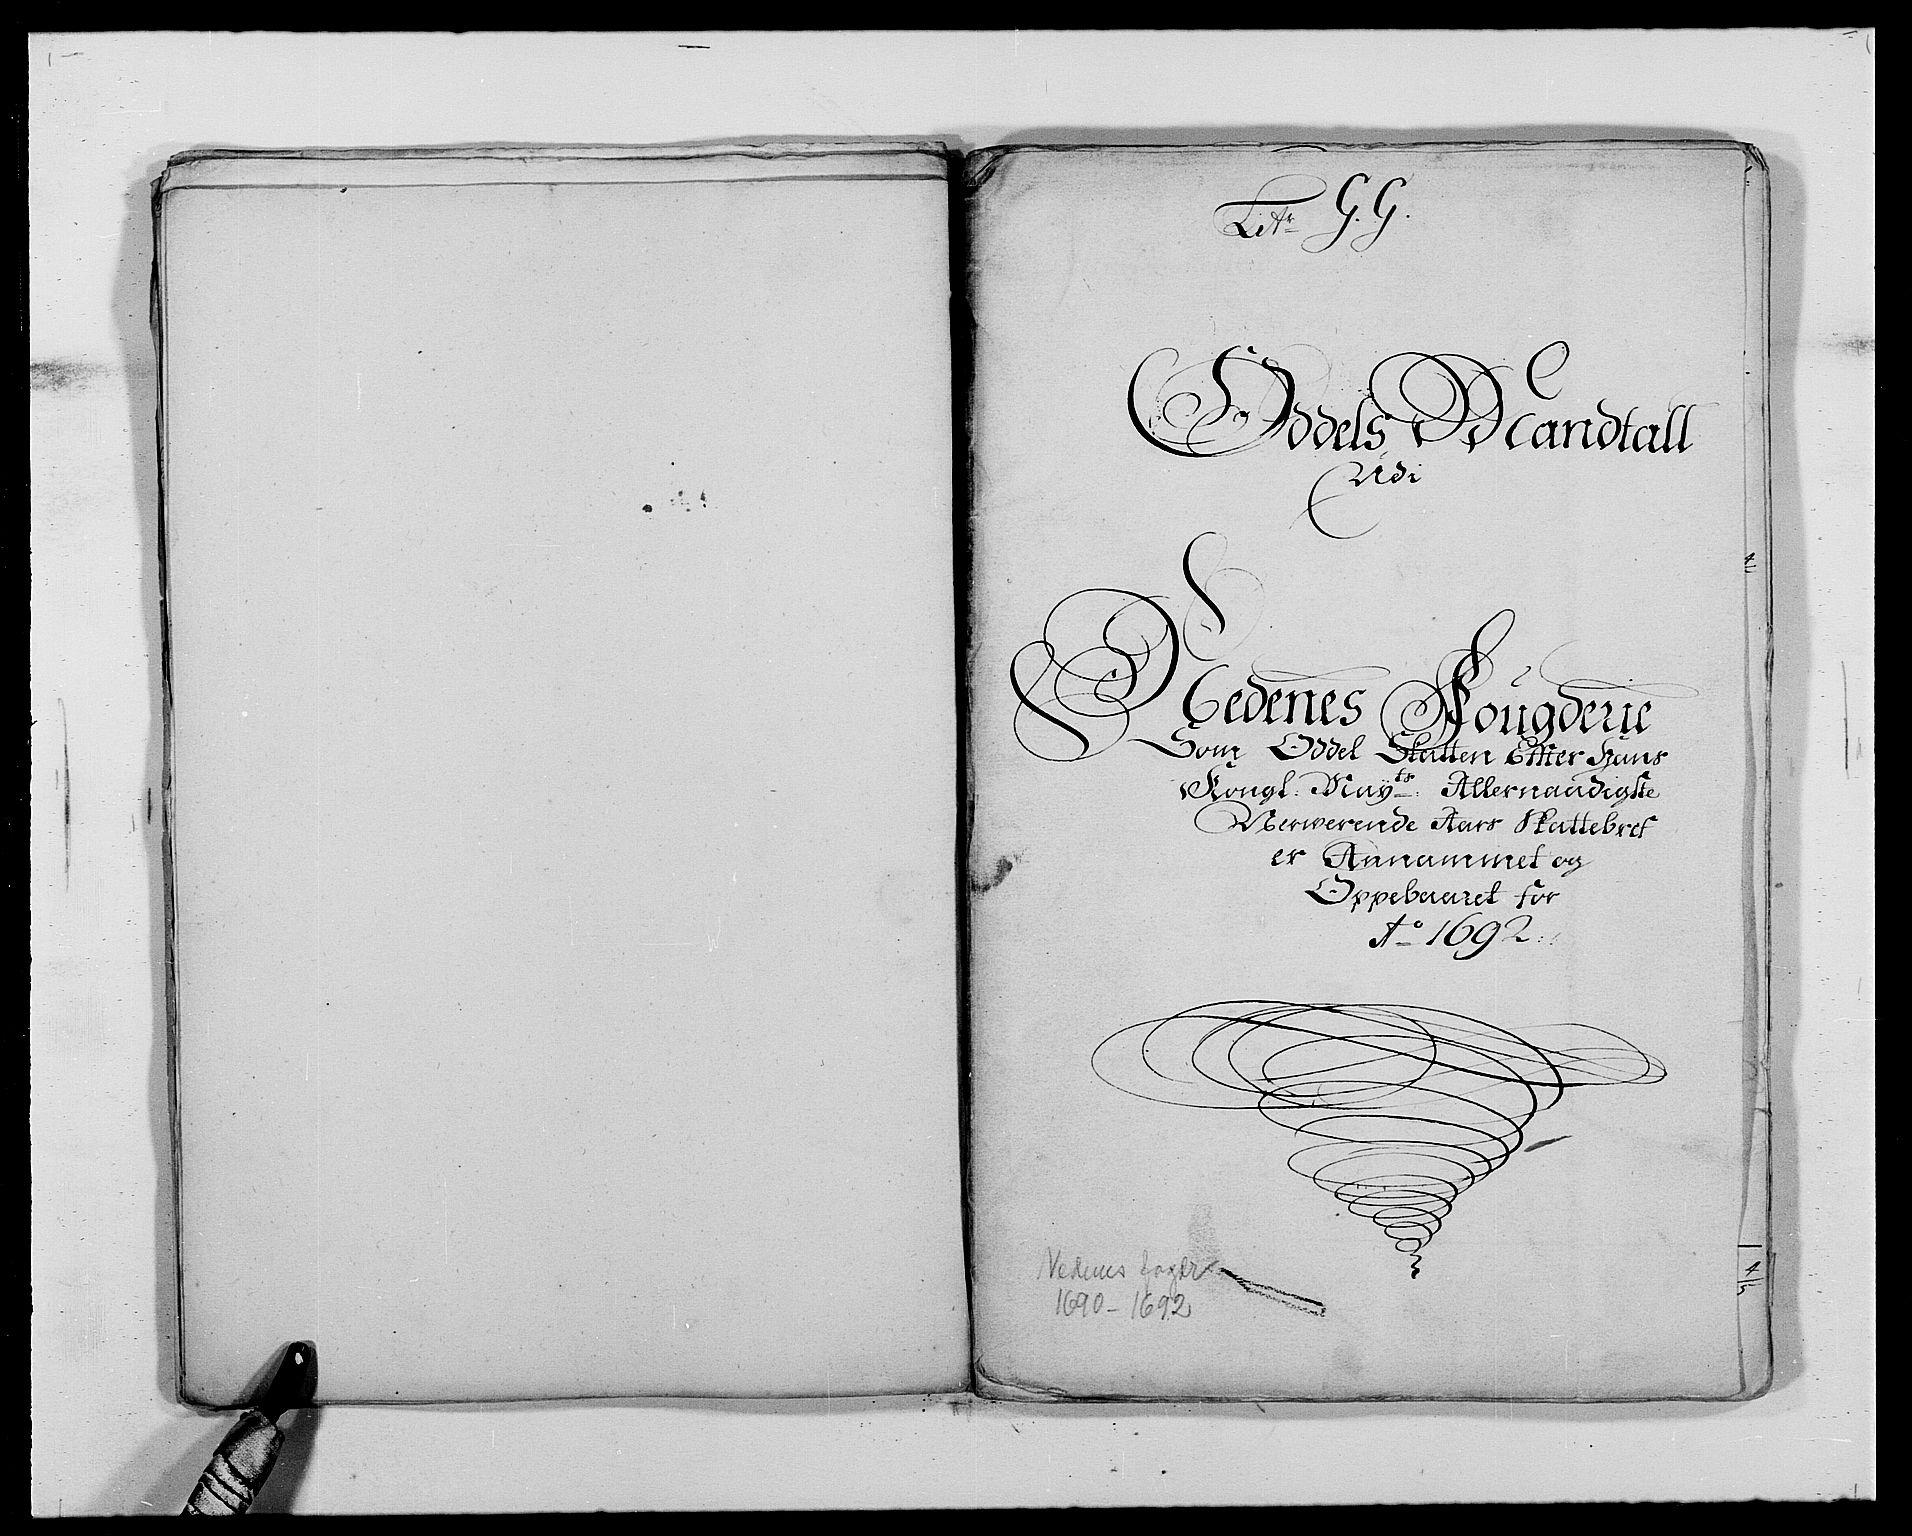 RA, Rentekammeret inntil 1814, Reviderte regnskaper, Fogderegnskap, R39/L2311: Fogderegnskap Nedenes, 1690-1692, s. 161